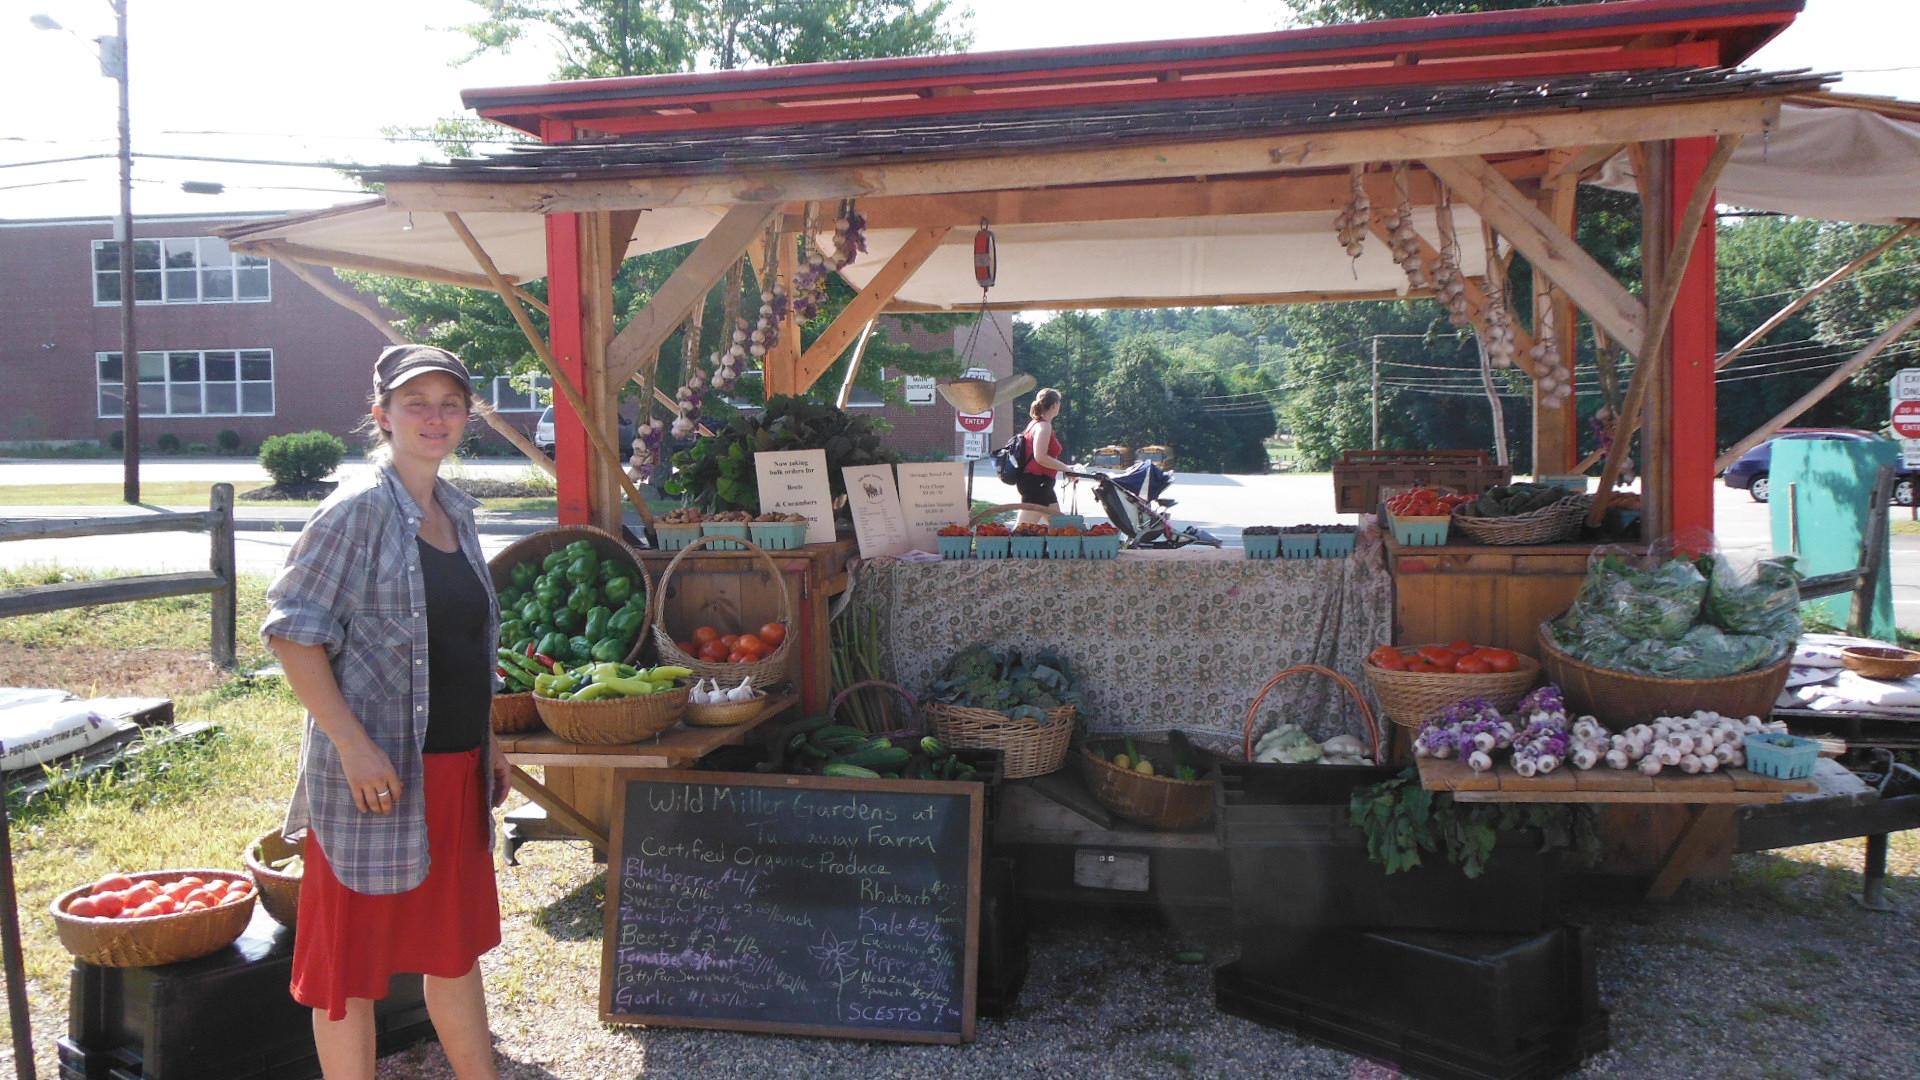 Quot Folding Farm Quot Portable Market Going Trailer Farm Hack